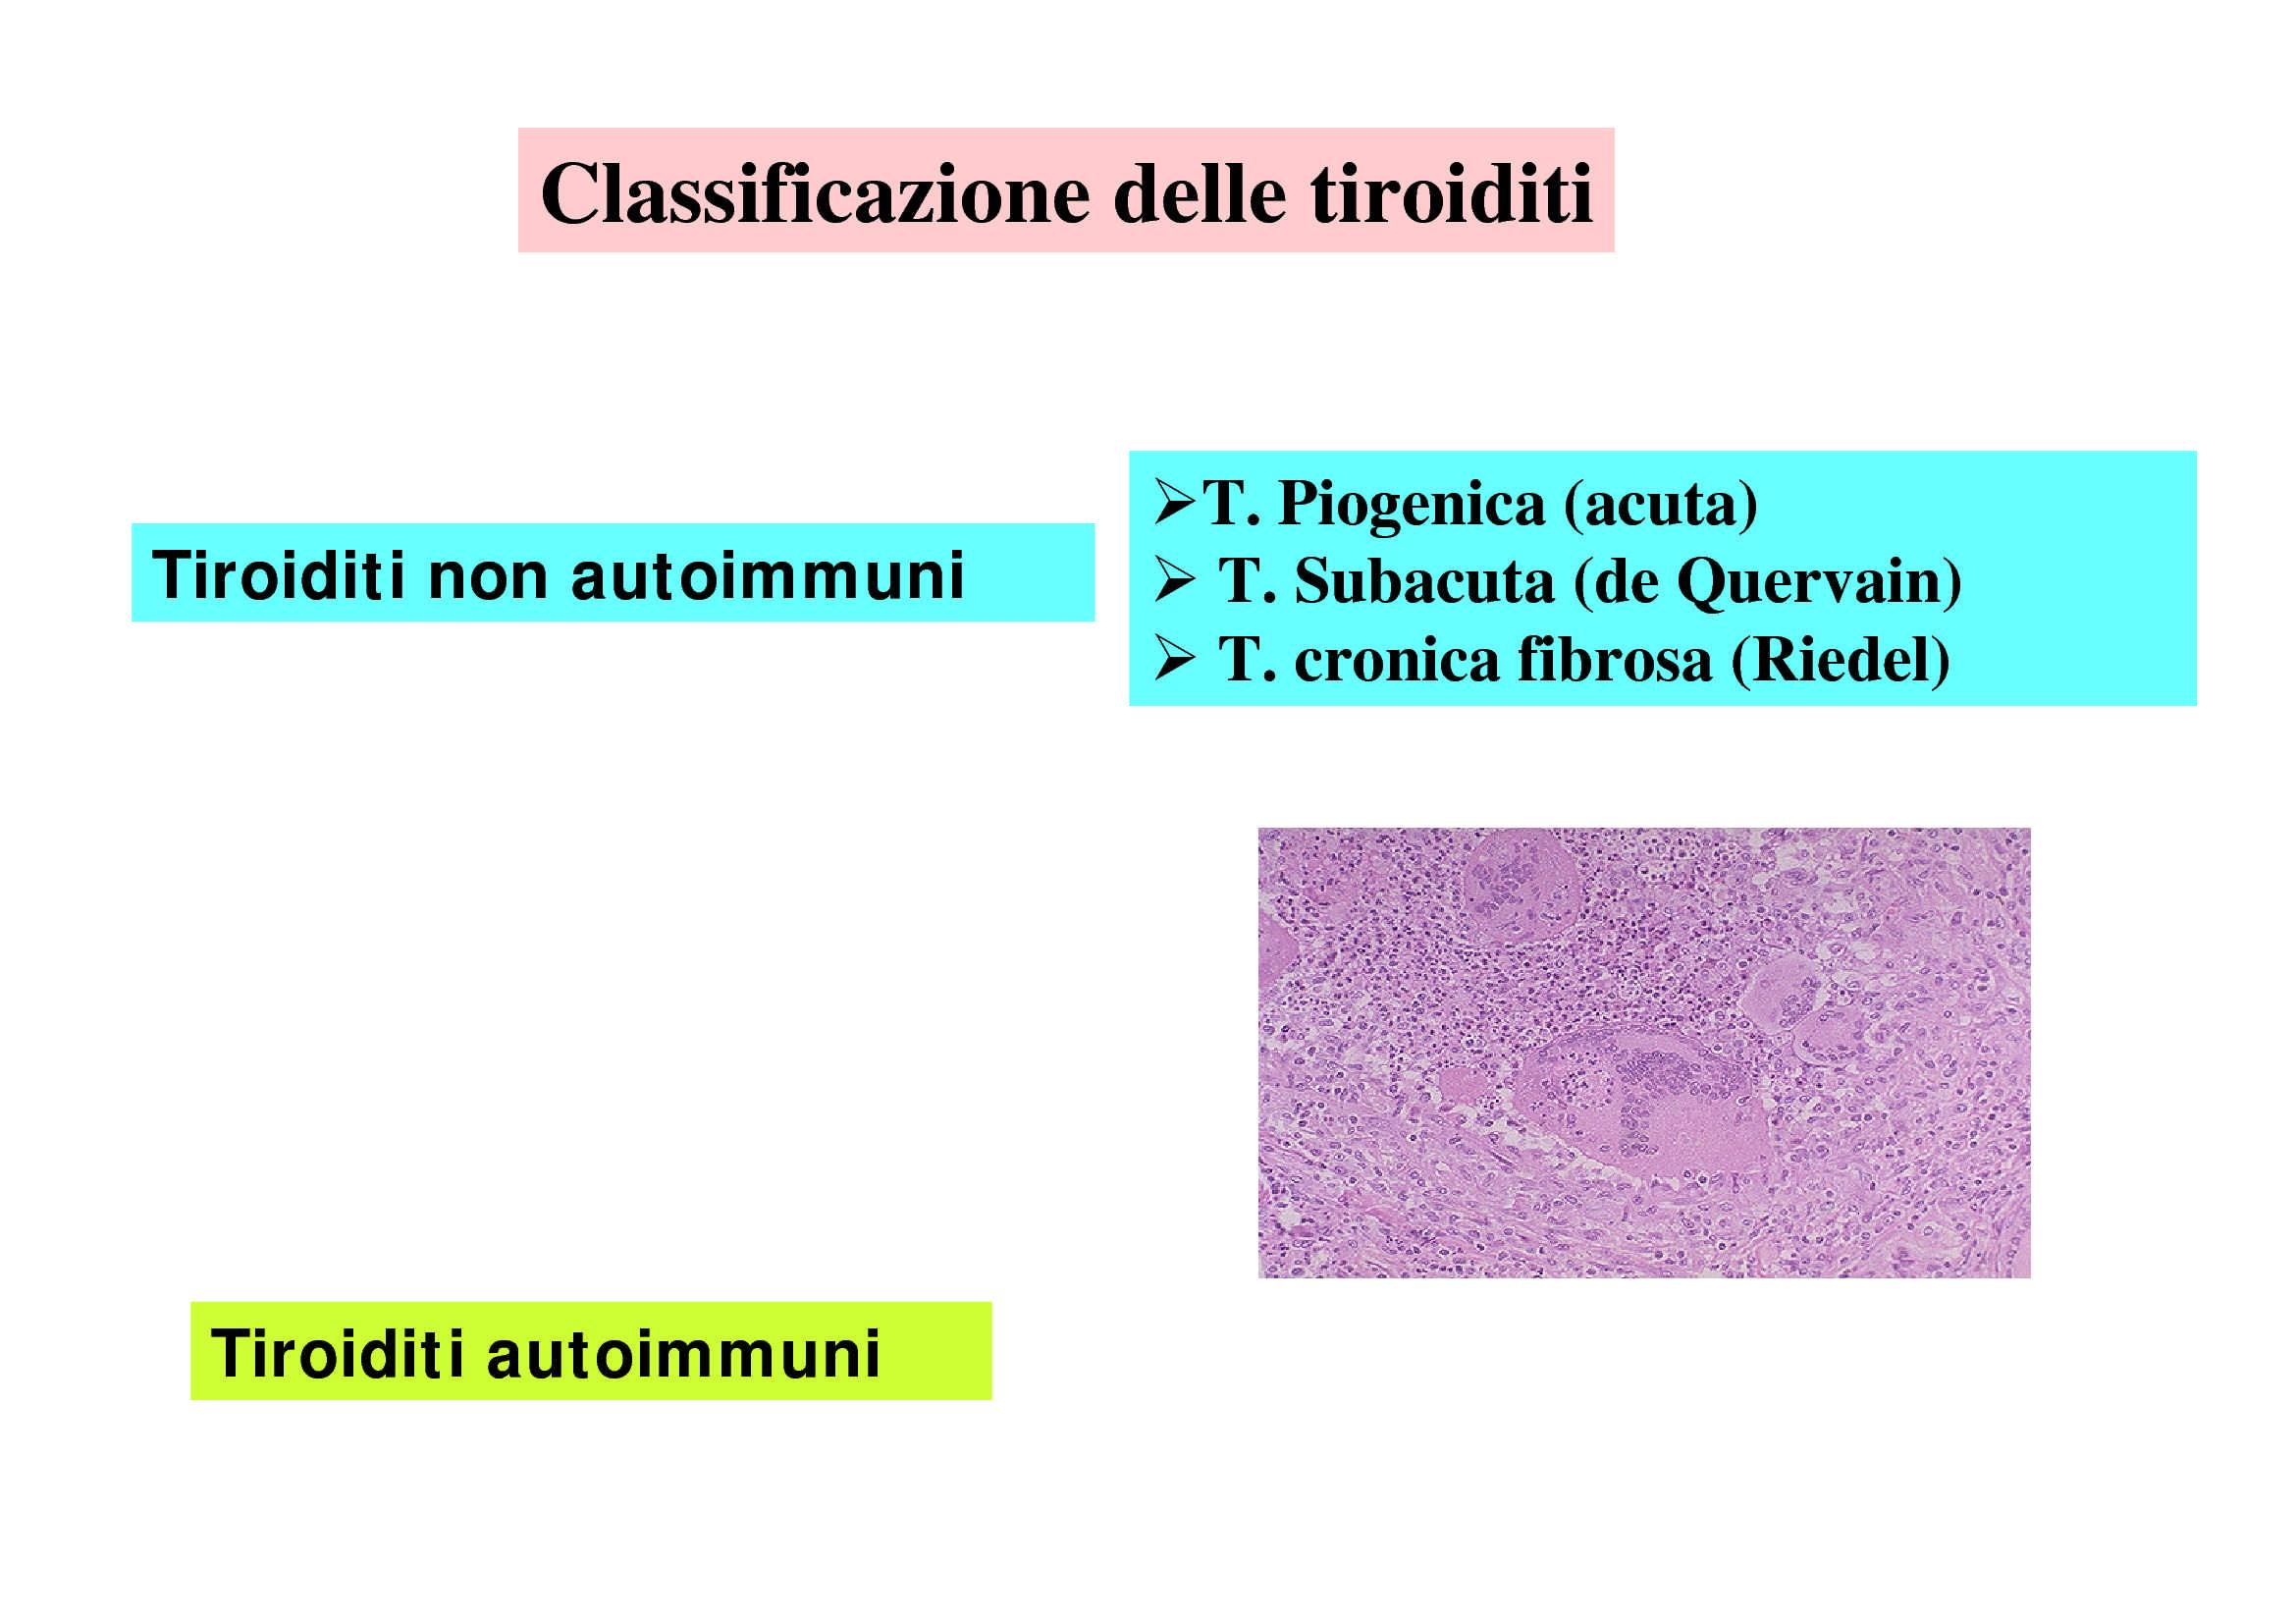 Tiroiditi